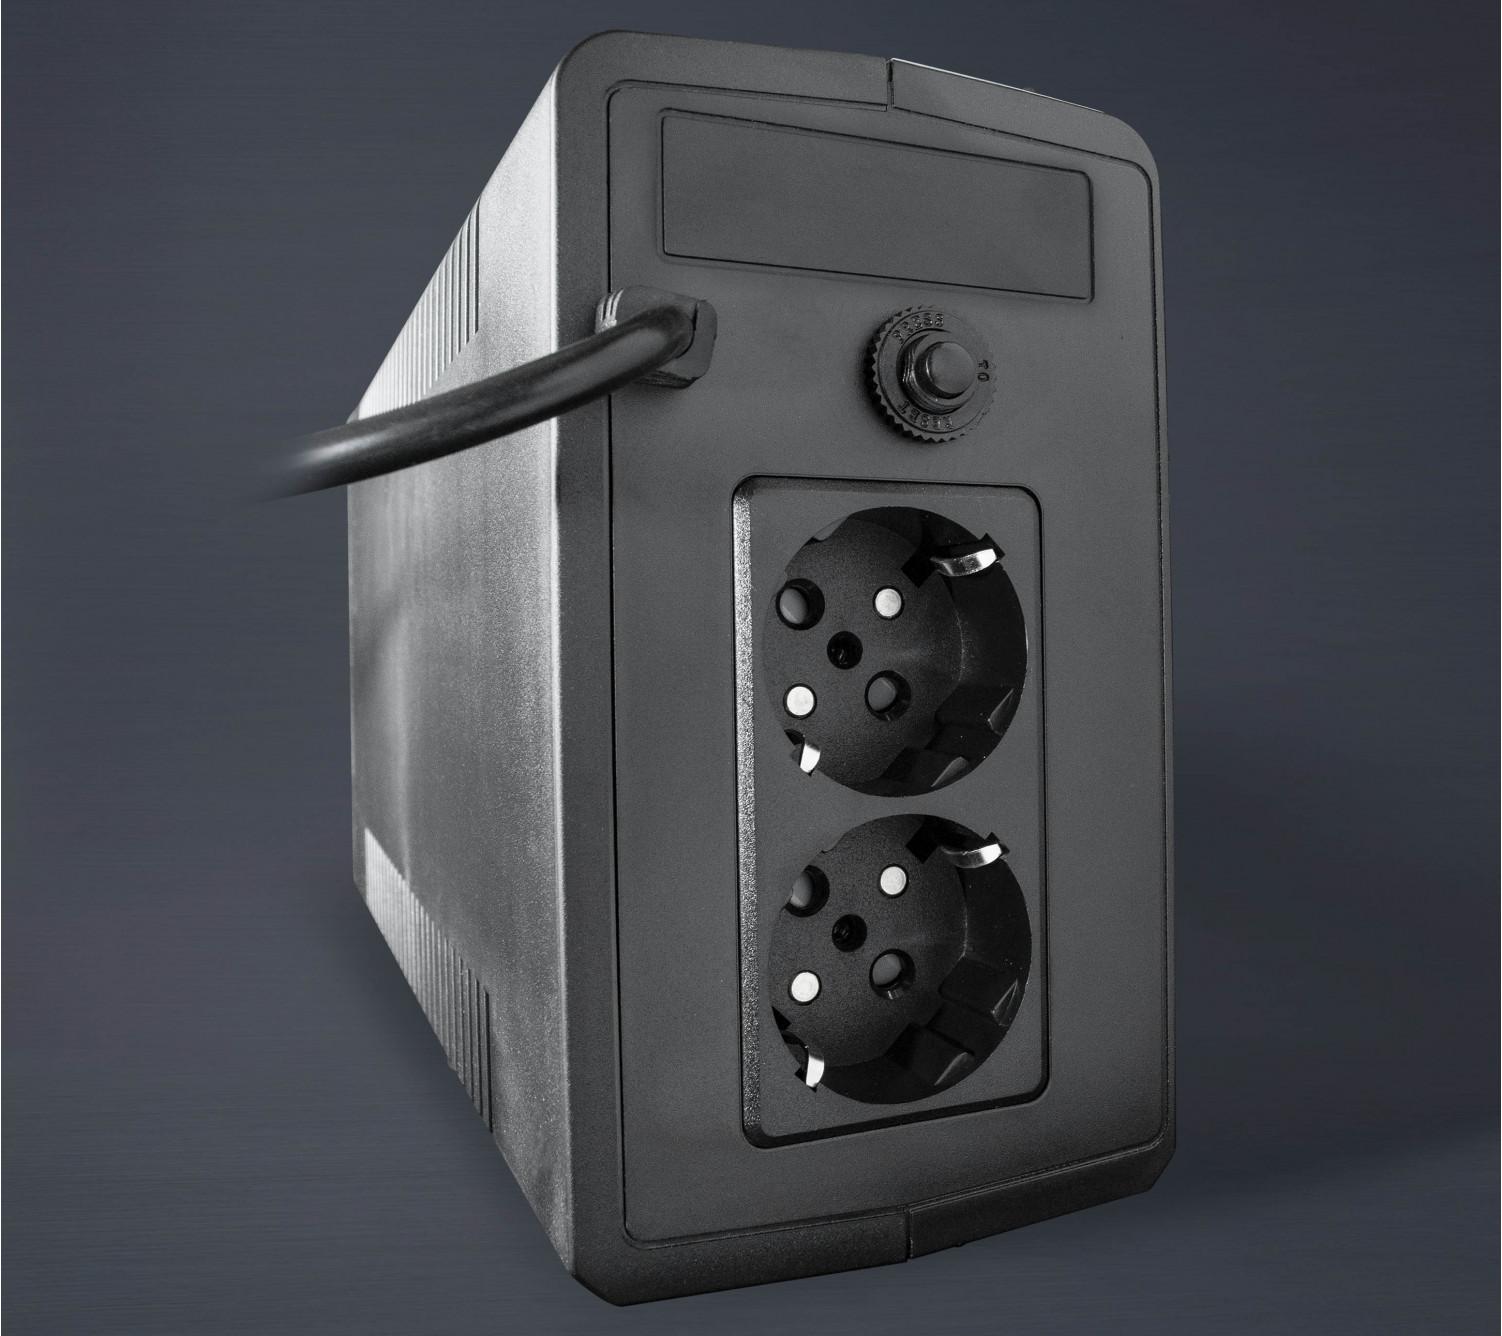 ДБЖ Frime Guard 850VA LCD (FGS850VAPL)